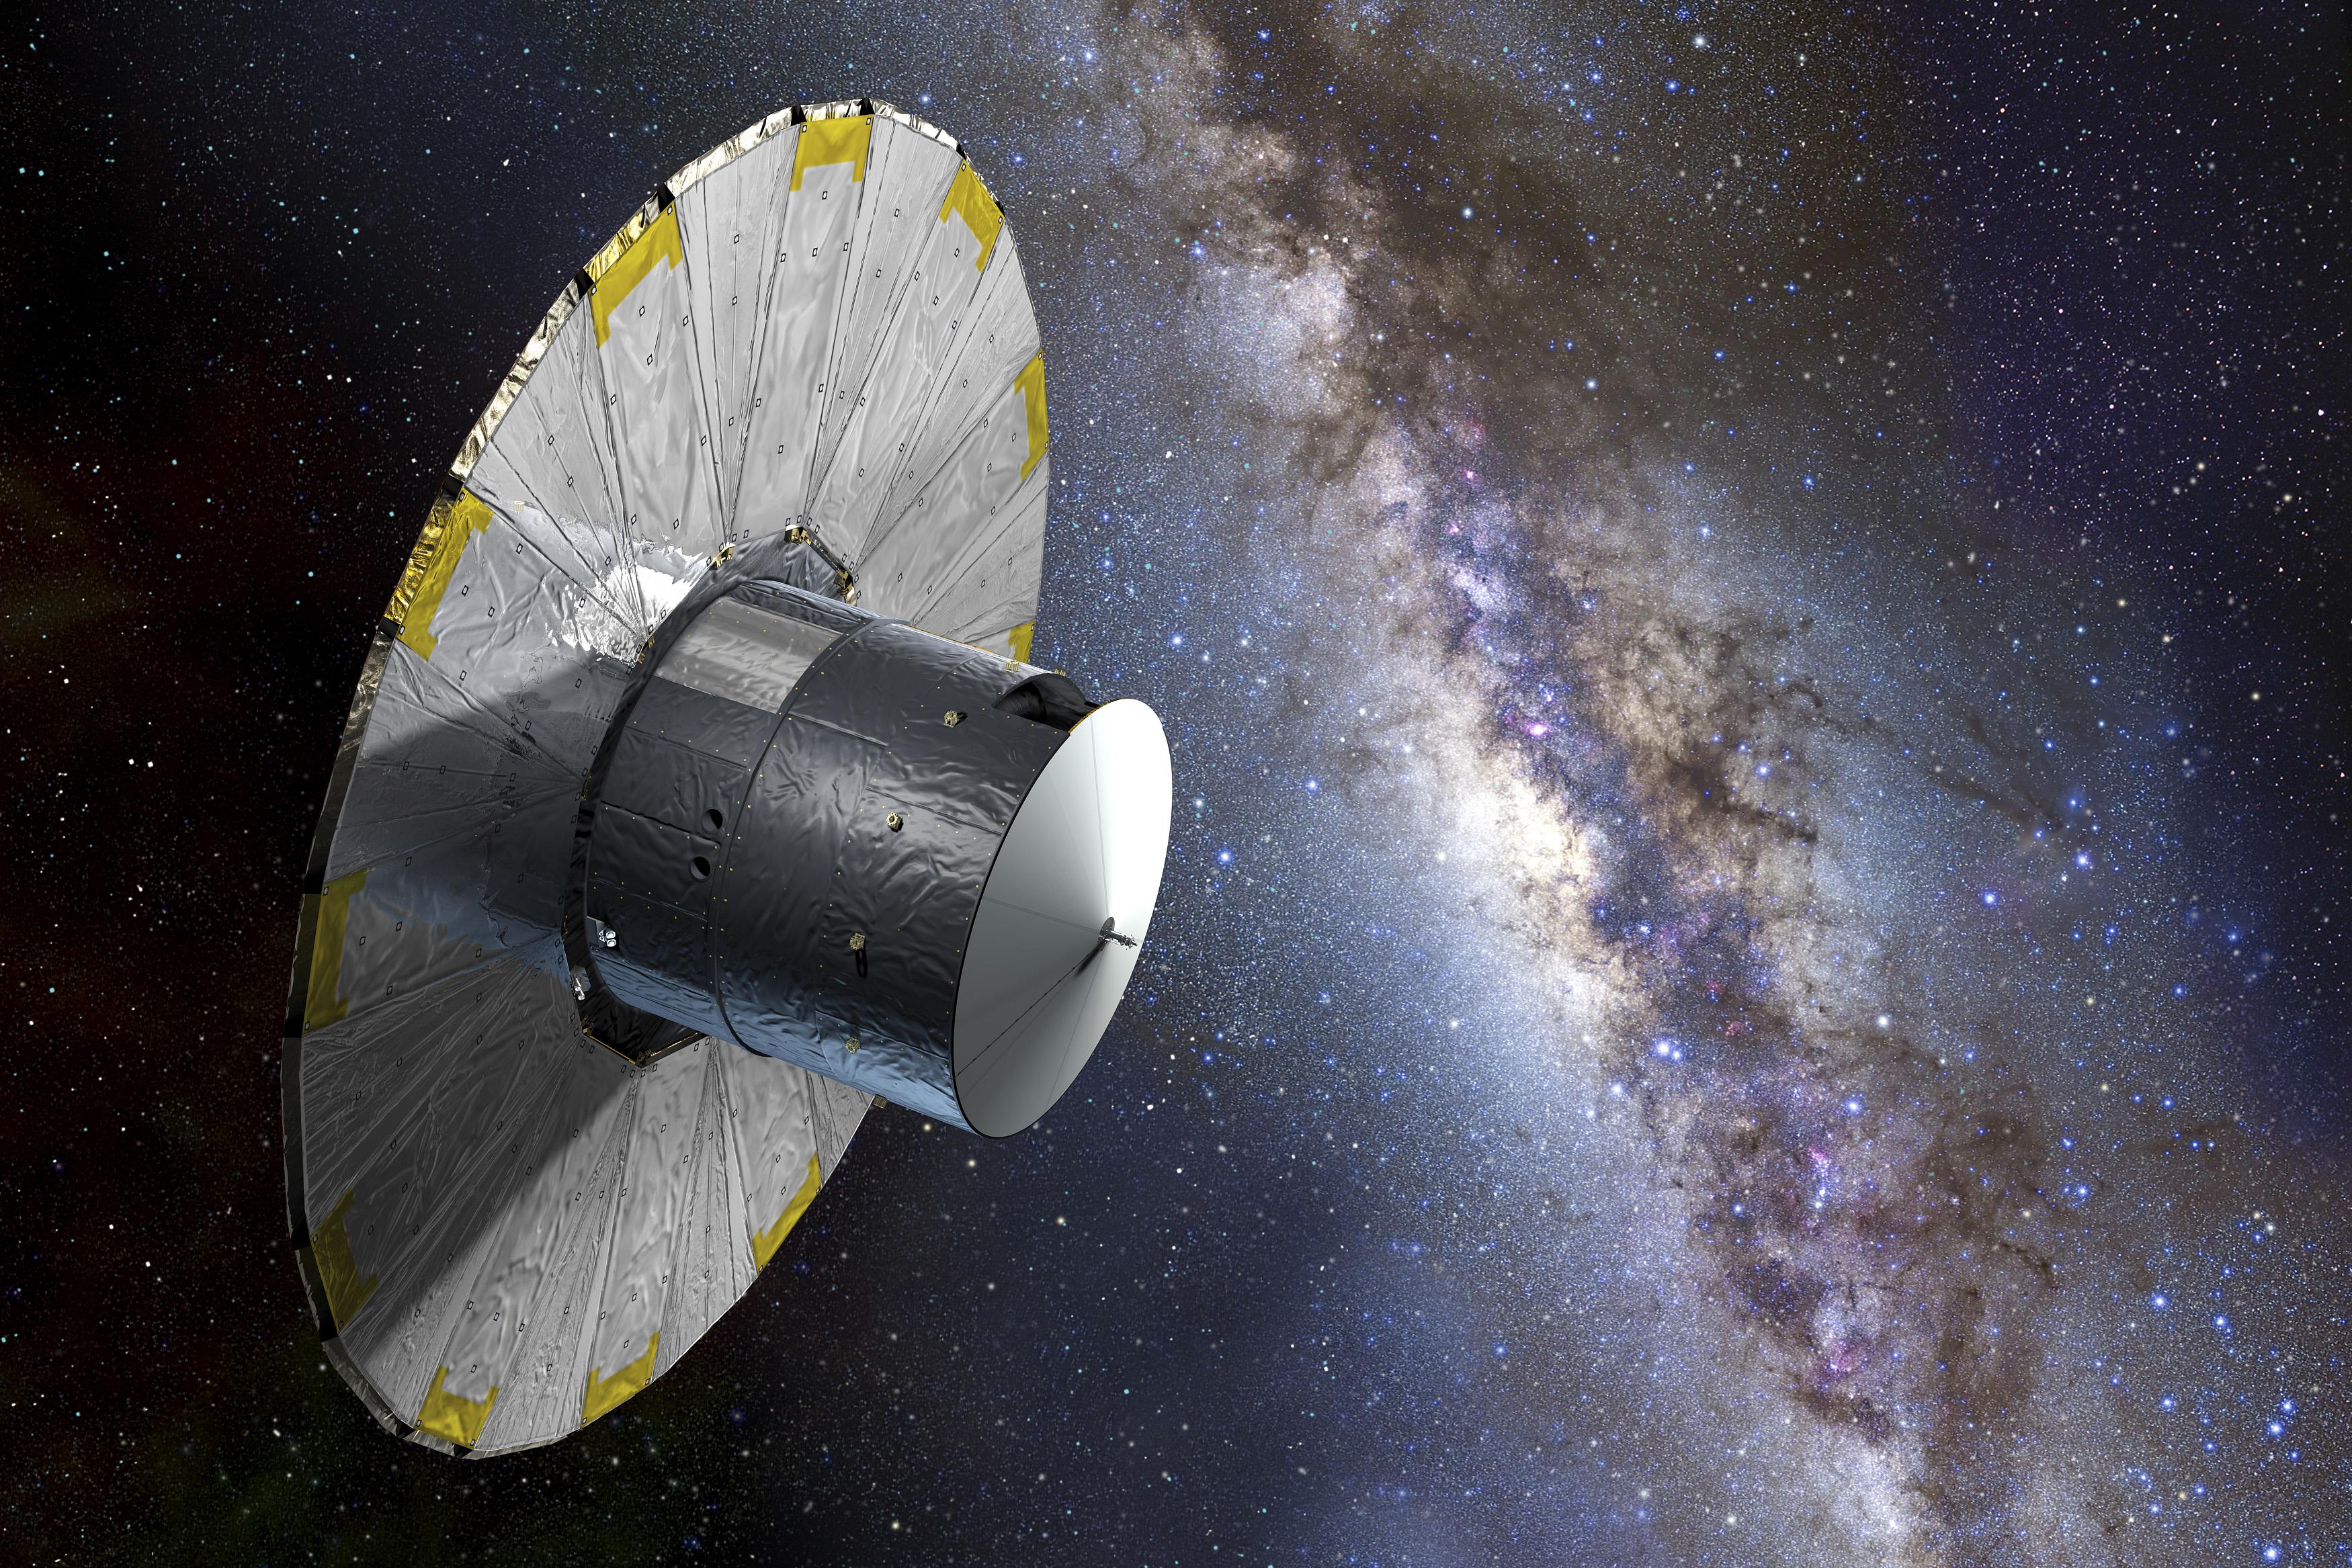 9ae632b8eb5 La misión Gaia despega para retratar mil millones de estrellas en nuestra  galaxia / Noticias / SINC